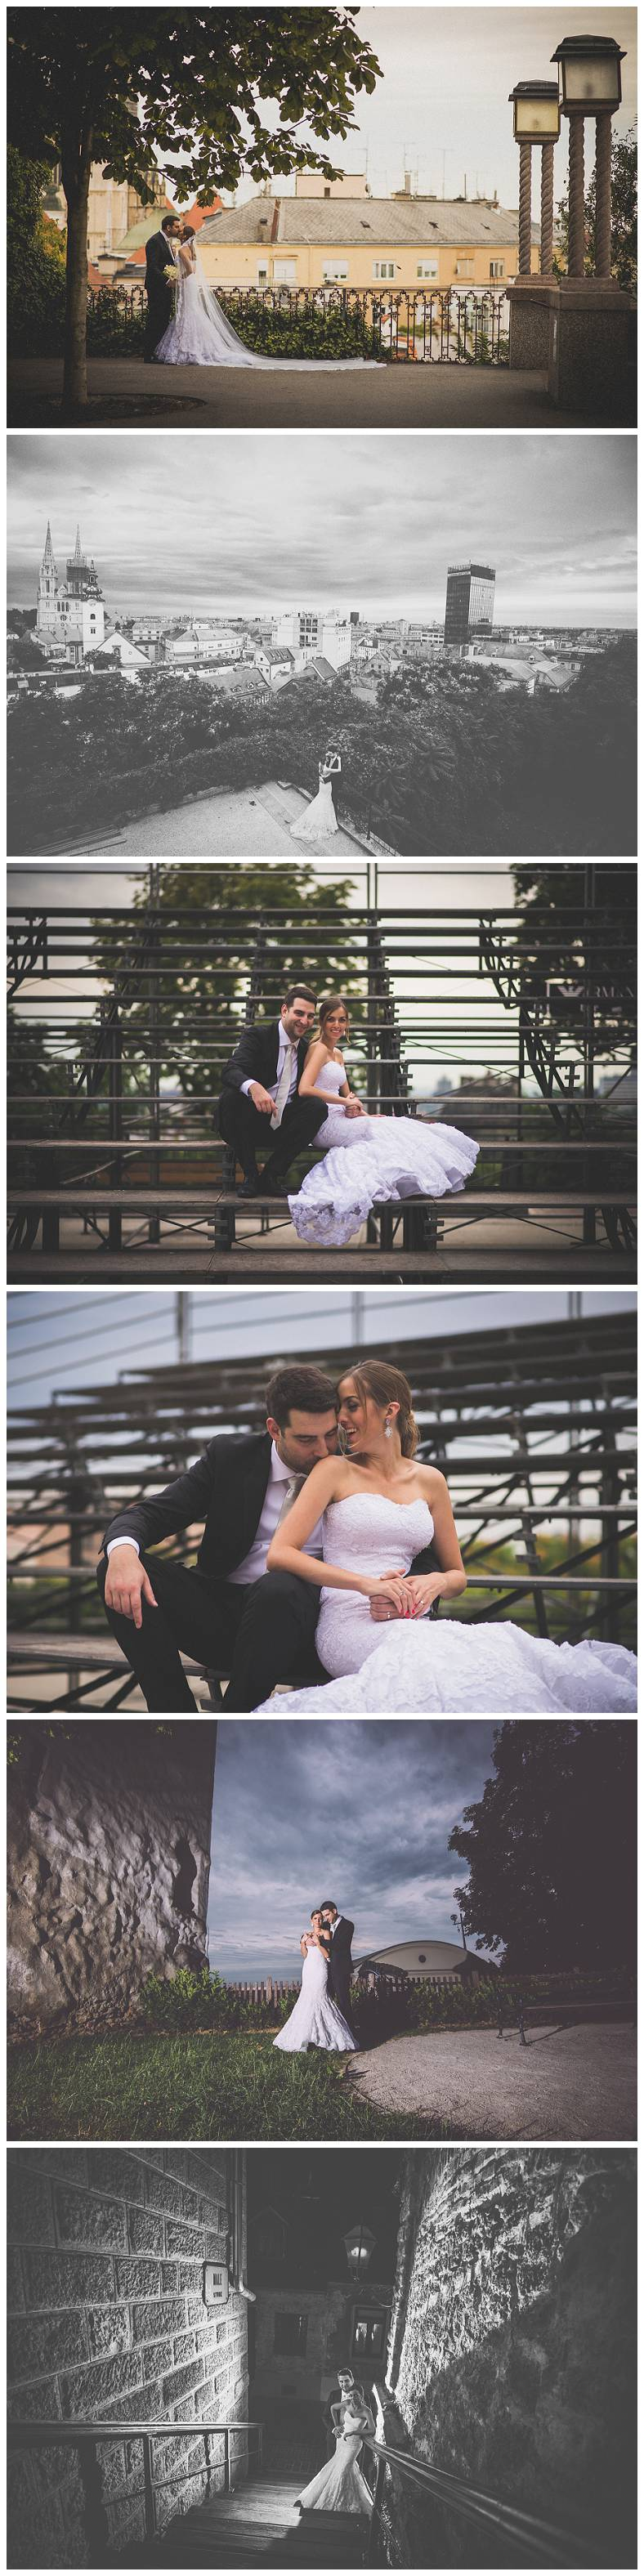 Foto studio za vjenčanja u Zagrebu, snimanje na tribinama u Gornjem Gradu